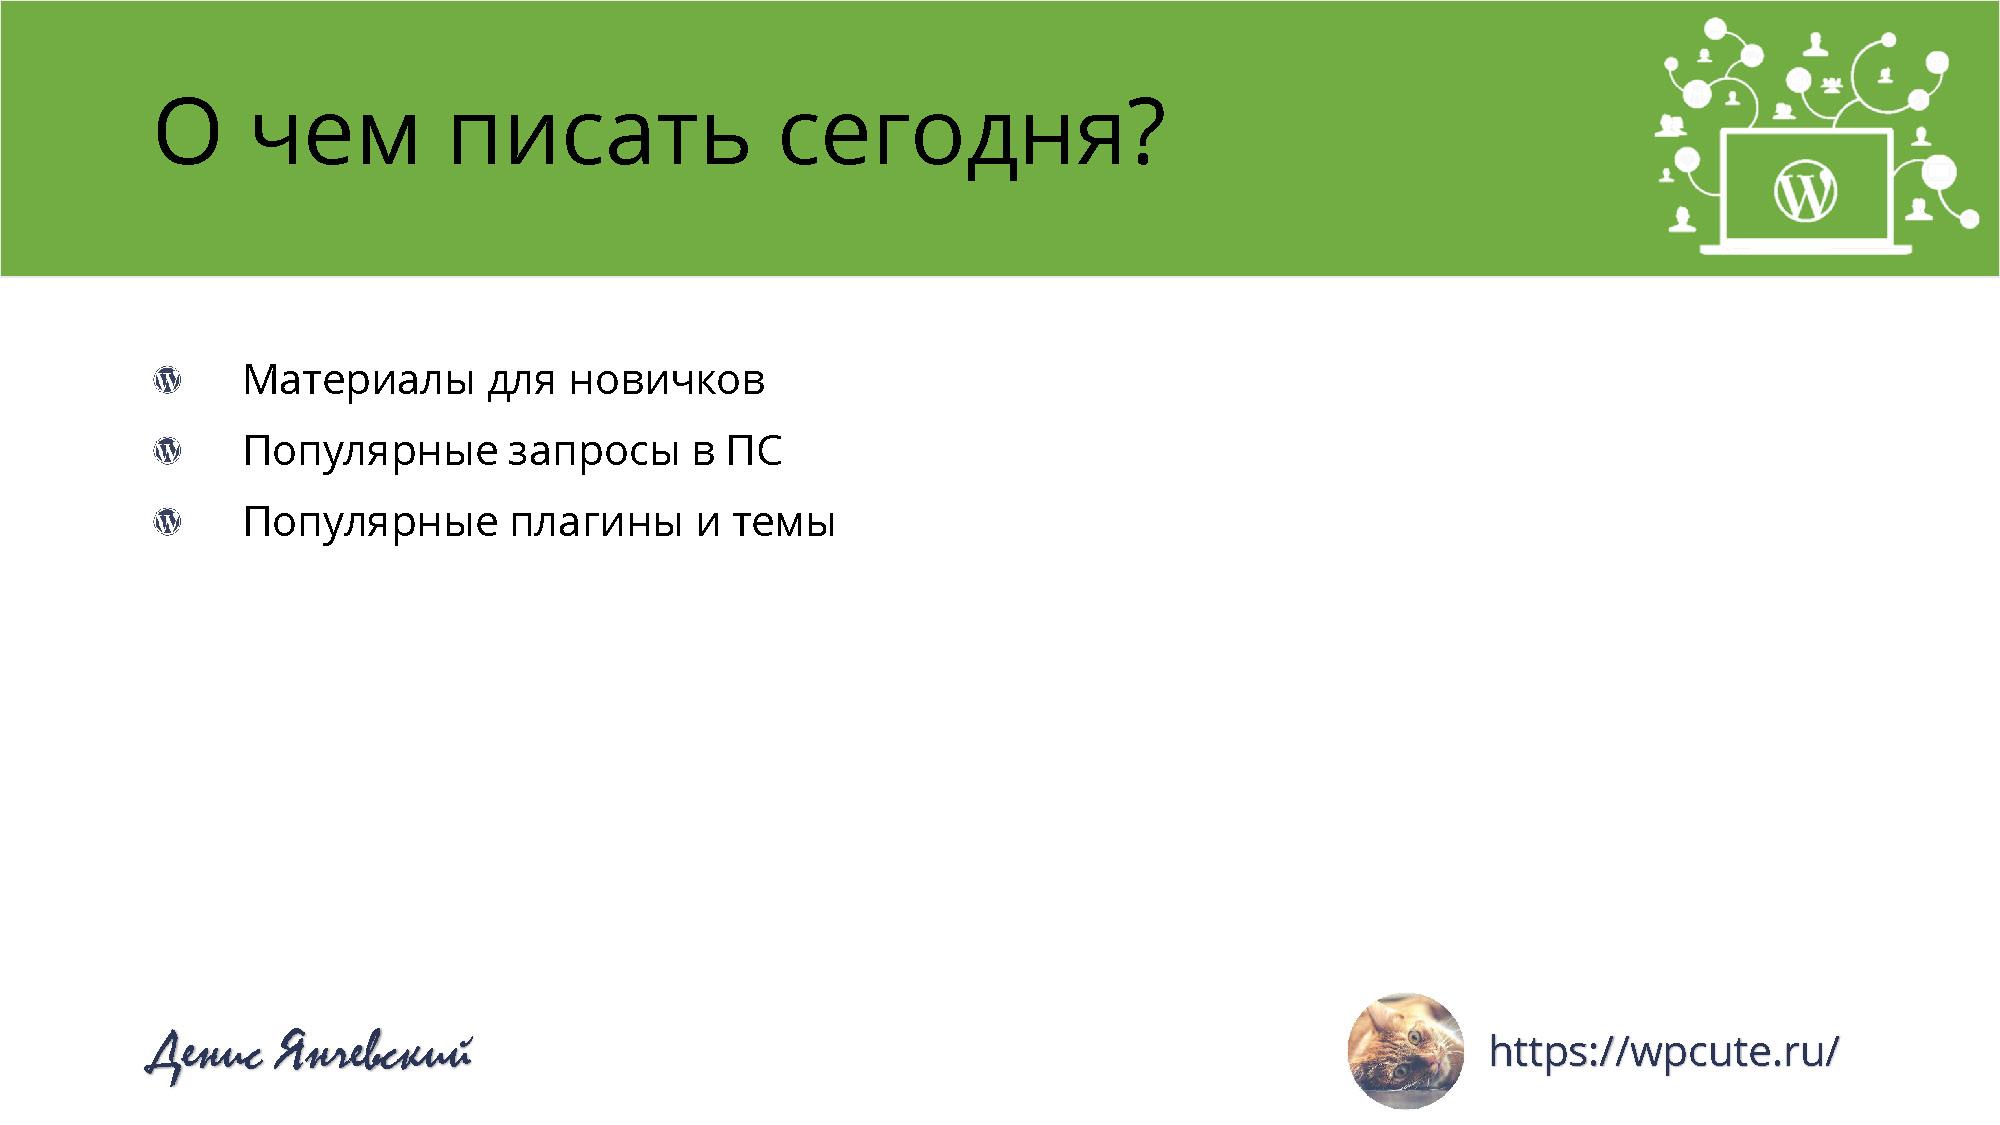 Kak_zavesti_i_dlya_chego_ispolzovat_blog_razrabotchiku__Denis_Yanchevskiy_Страница_08